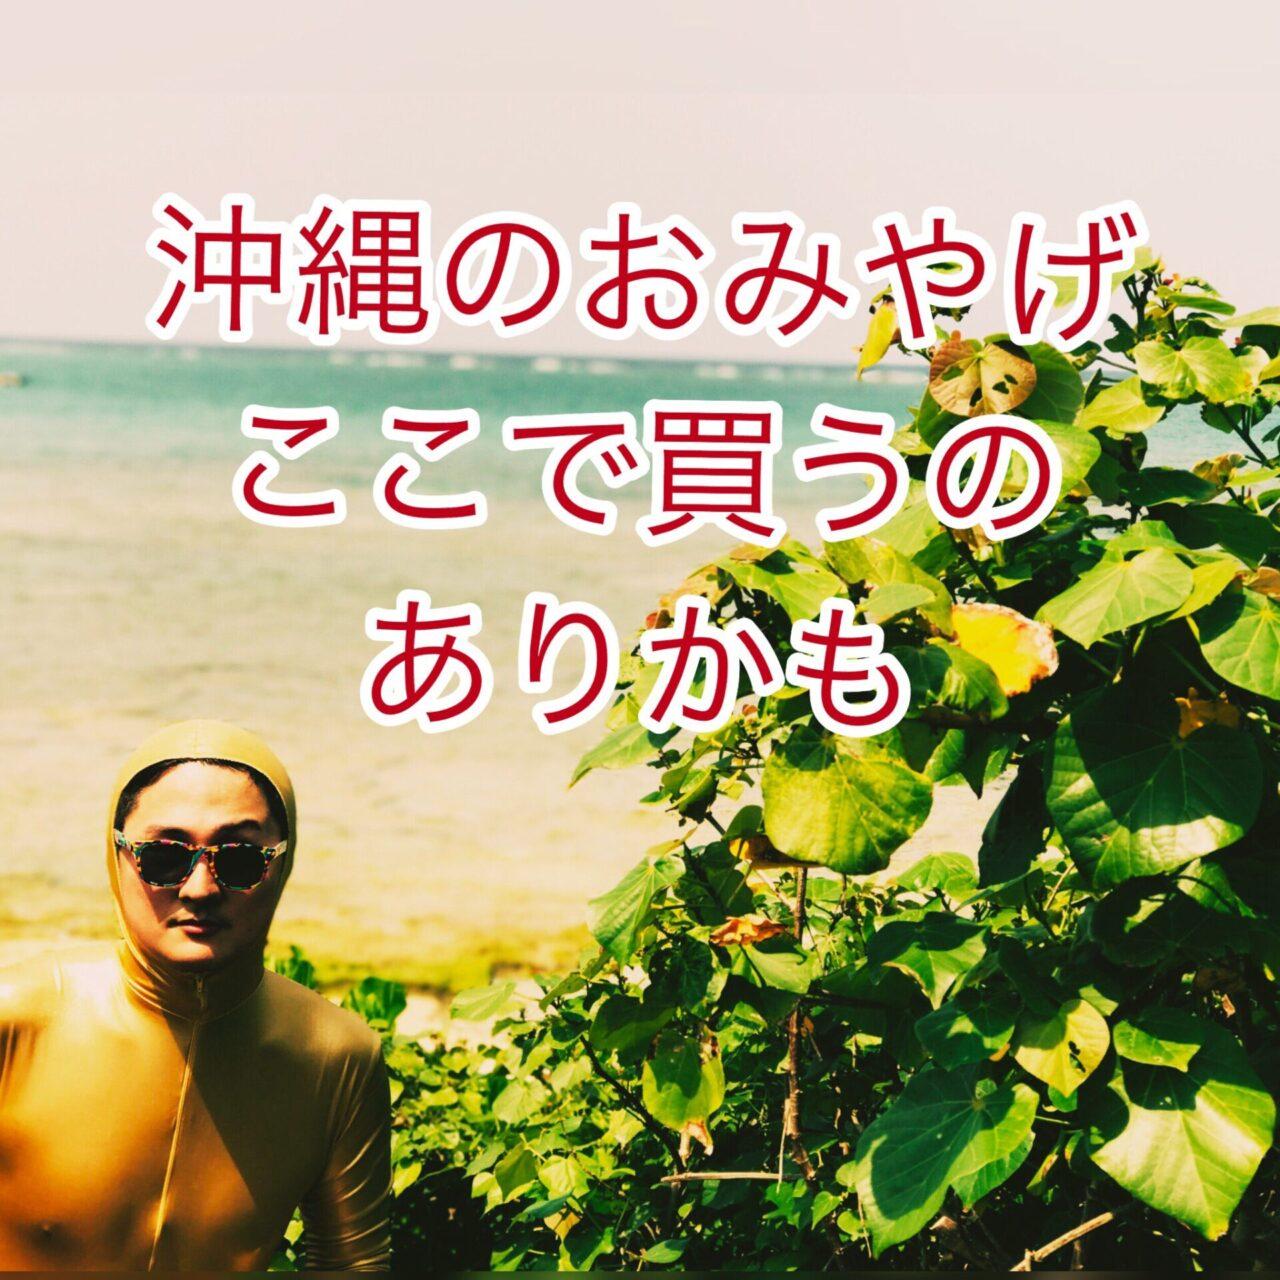 沖縄のお土産はここで買うのありかも~